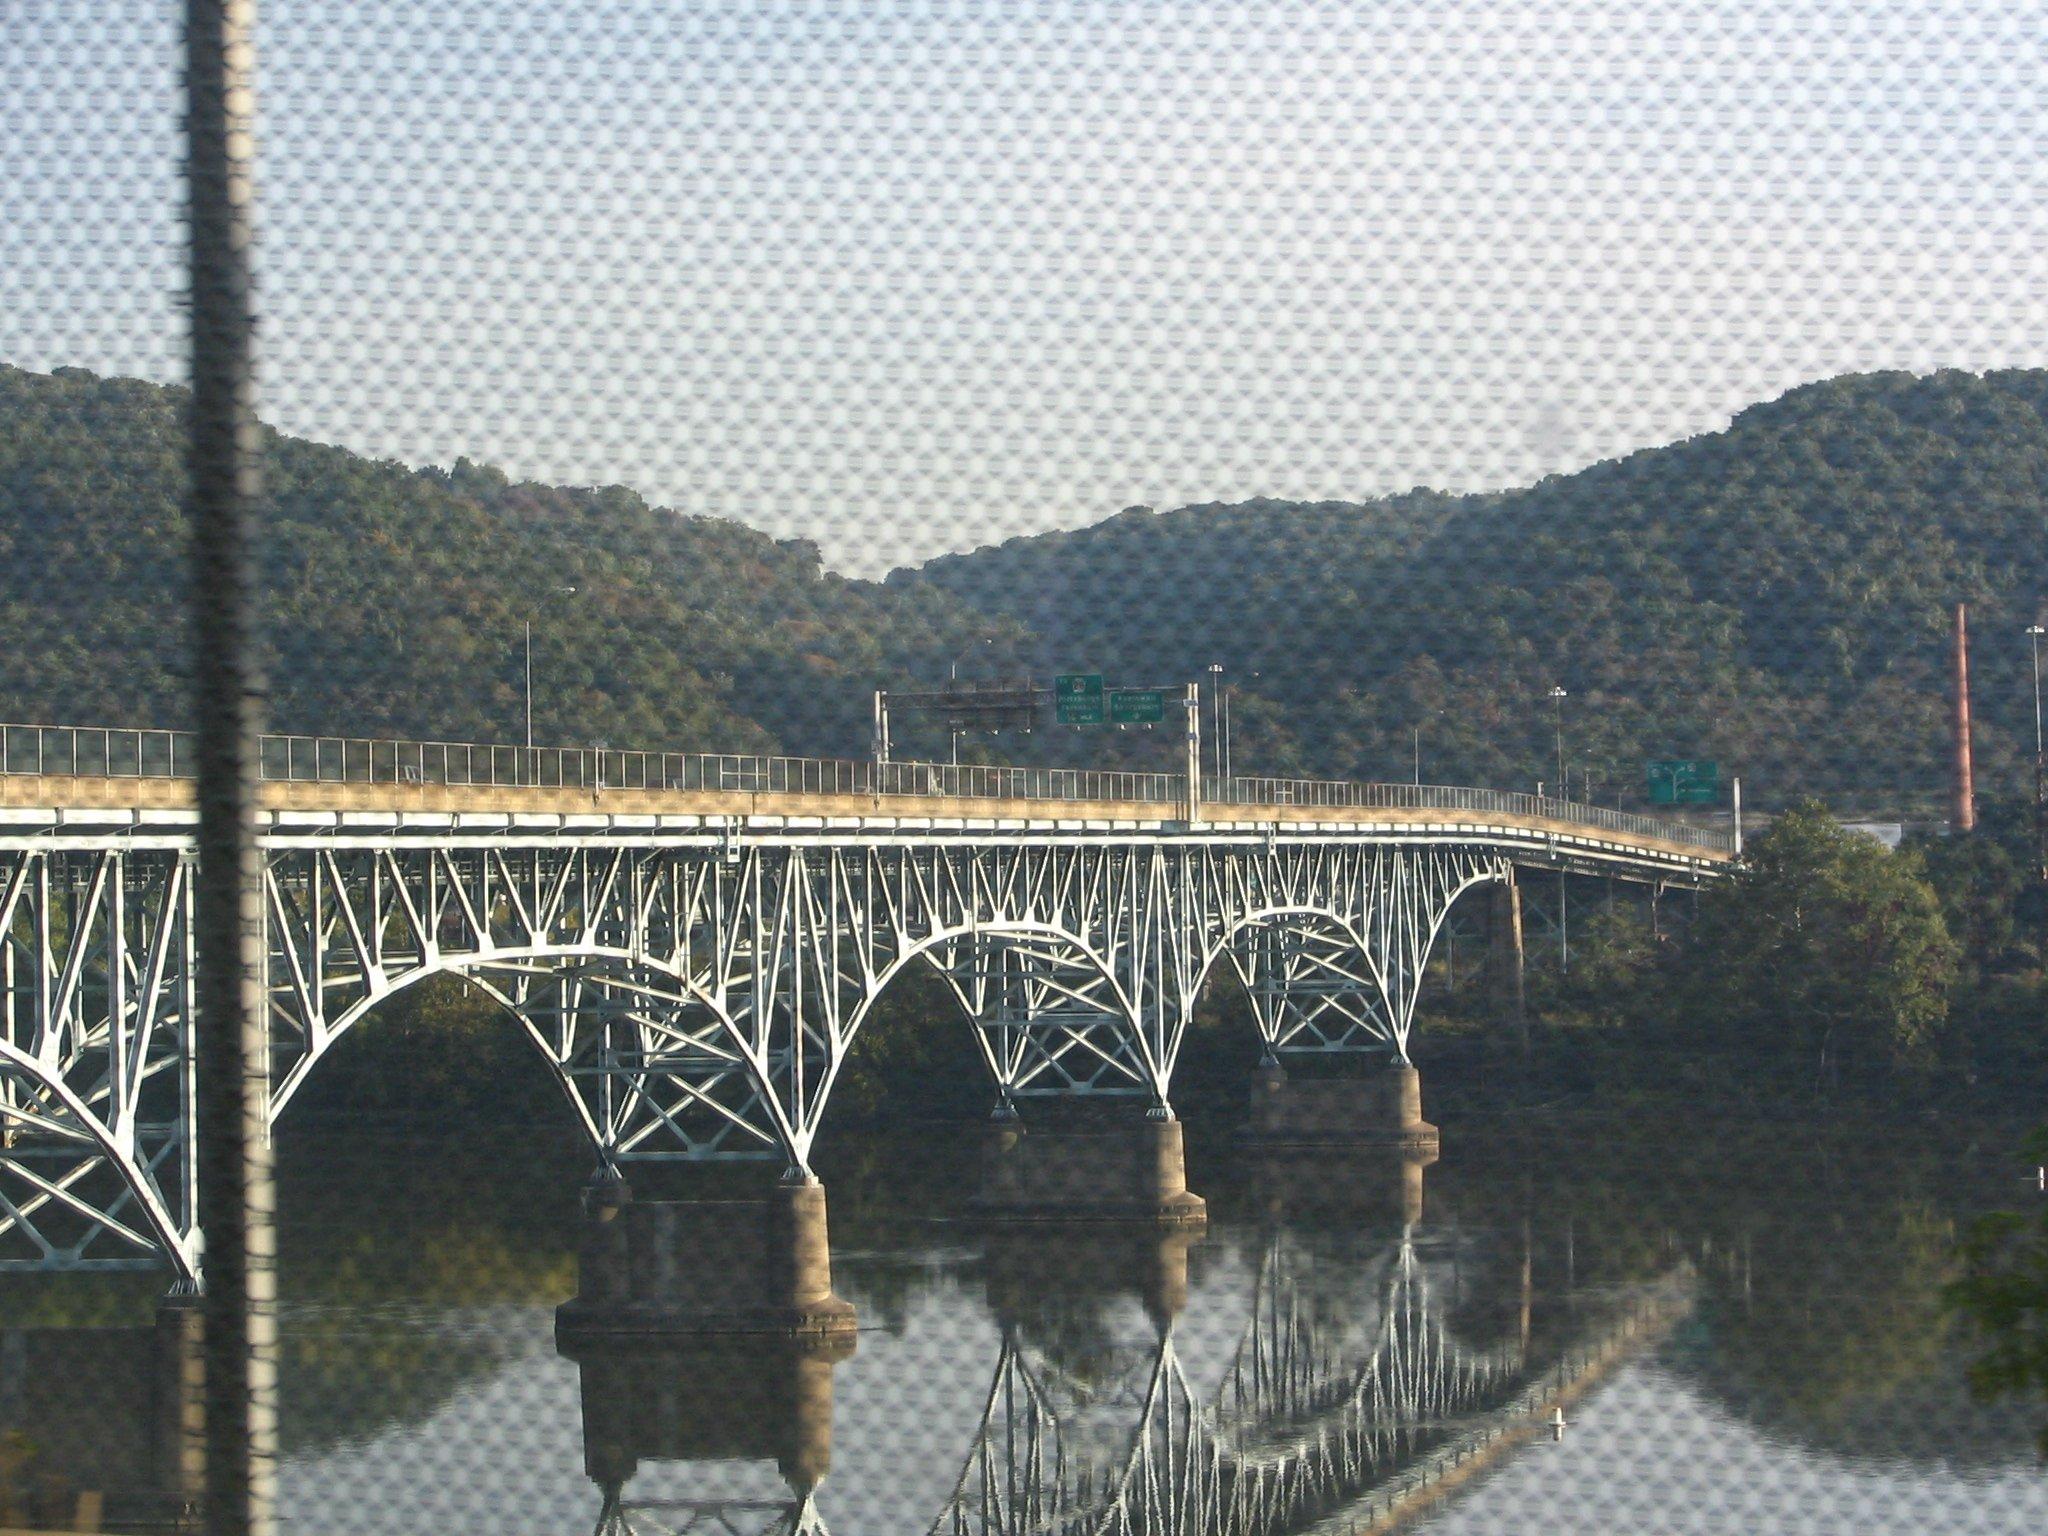 File:Pitt highlandpark bridge jpg - Wikimedia Commons